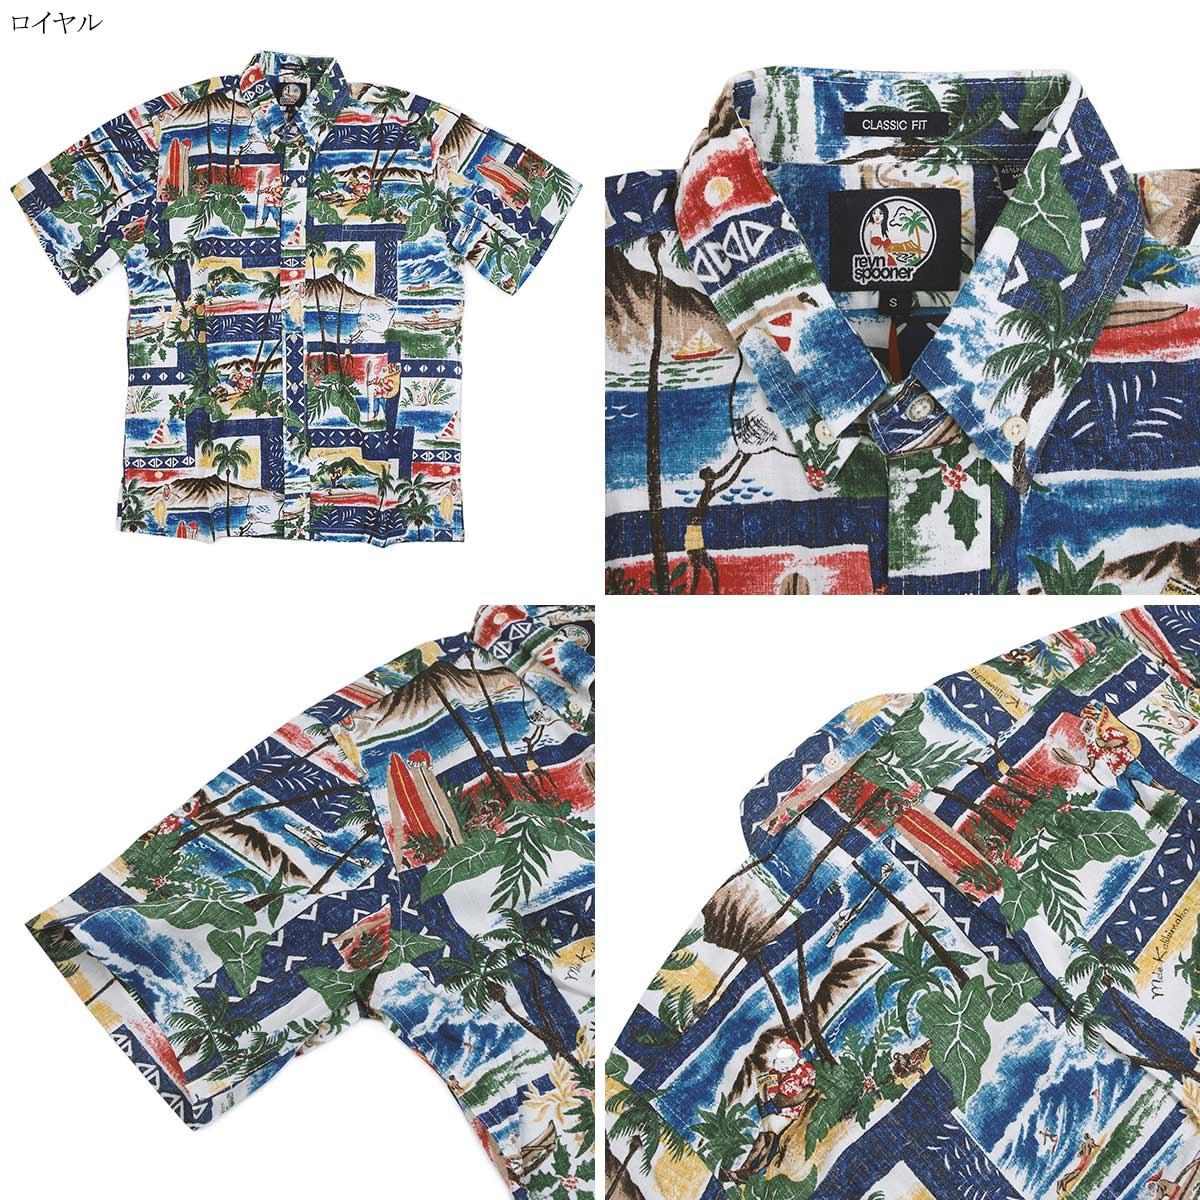 Christmas Hawaiian Shirts.レインスプーナー Reyn Spooner Short Sleeves Full Opening Hawaiian Shirt Hawaii Ann Christmas Pattern Christmas Limited On Hawaian Christmas